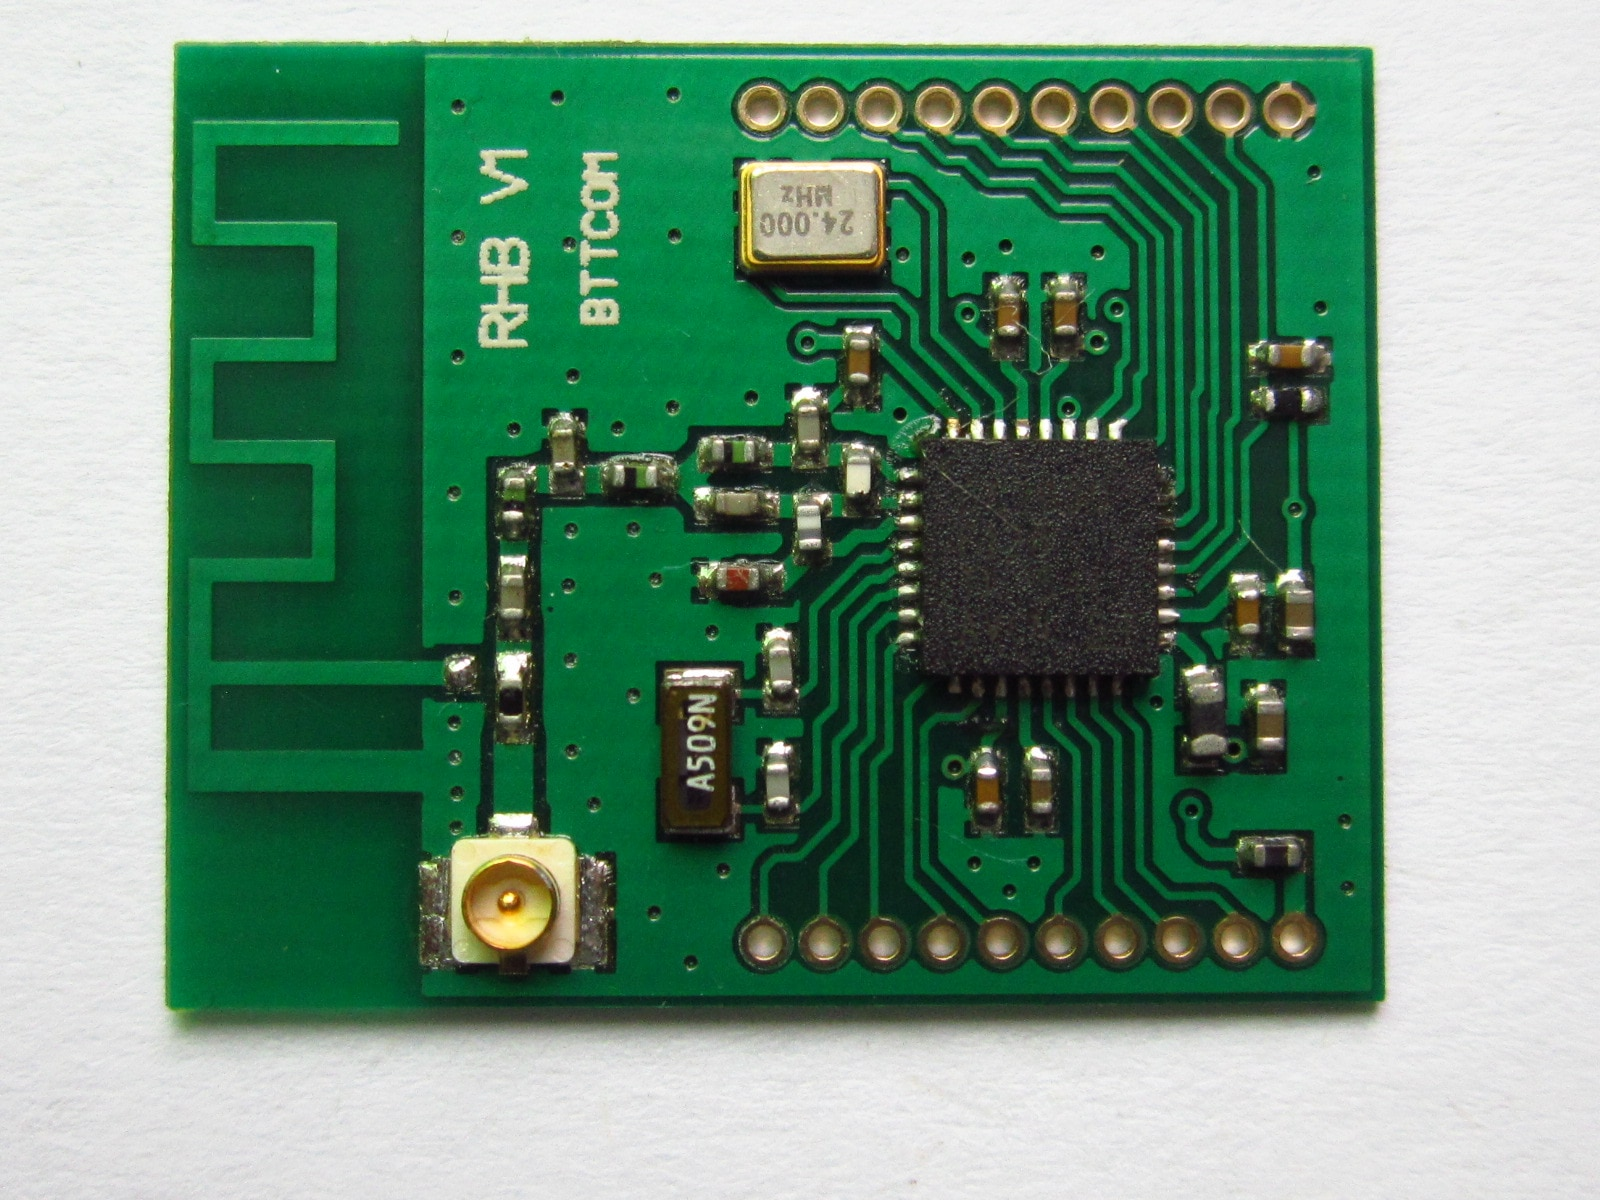 SZ9RH CC2630 RHB Zigbee Wireless Module